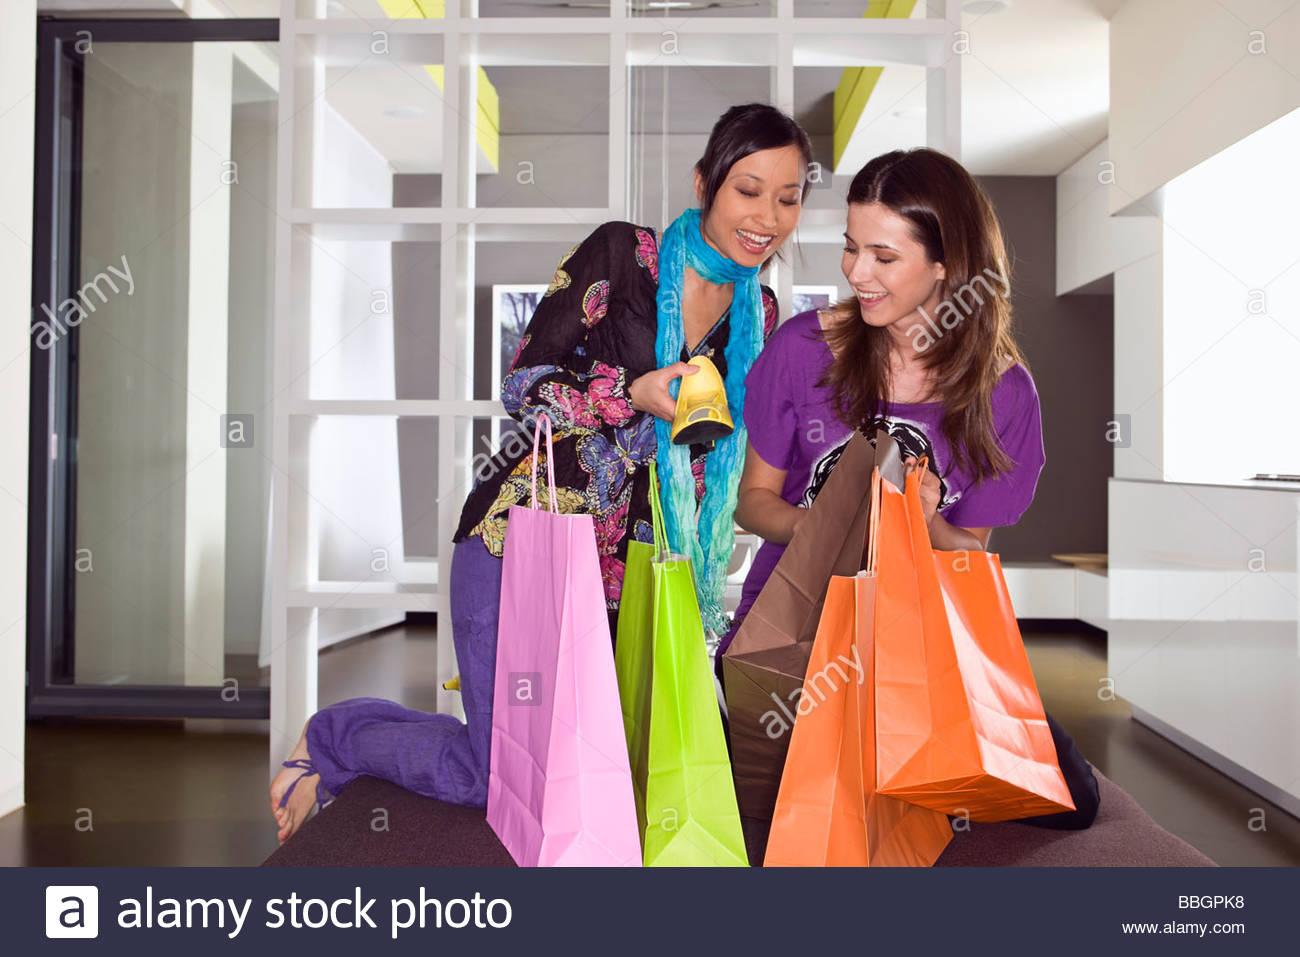 Young women shoe shopping - Stock Image